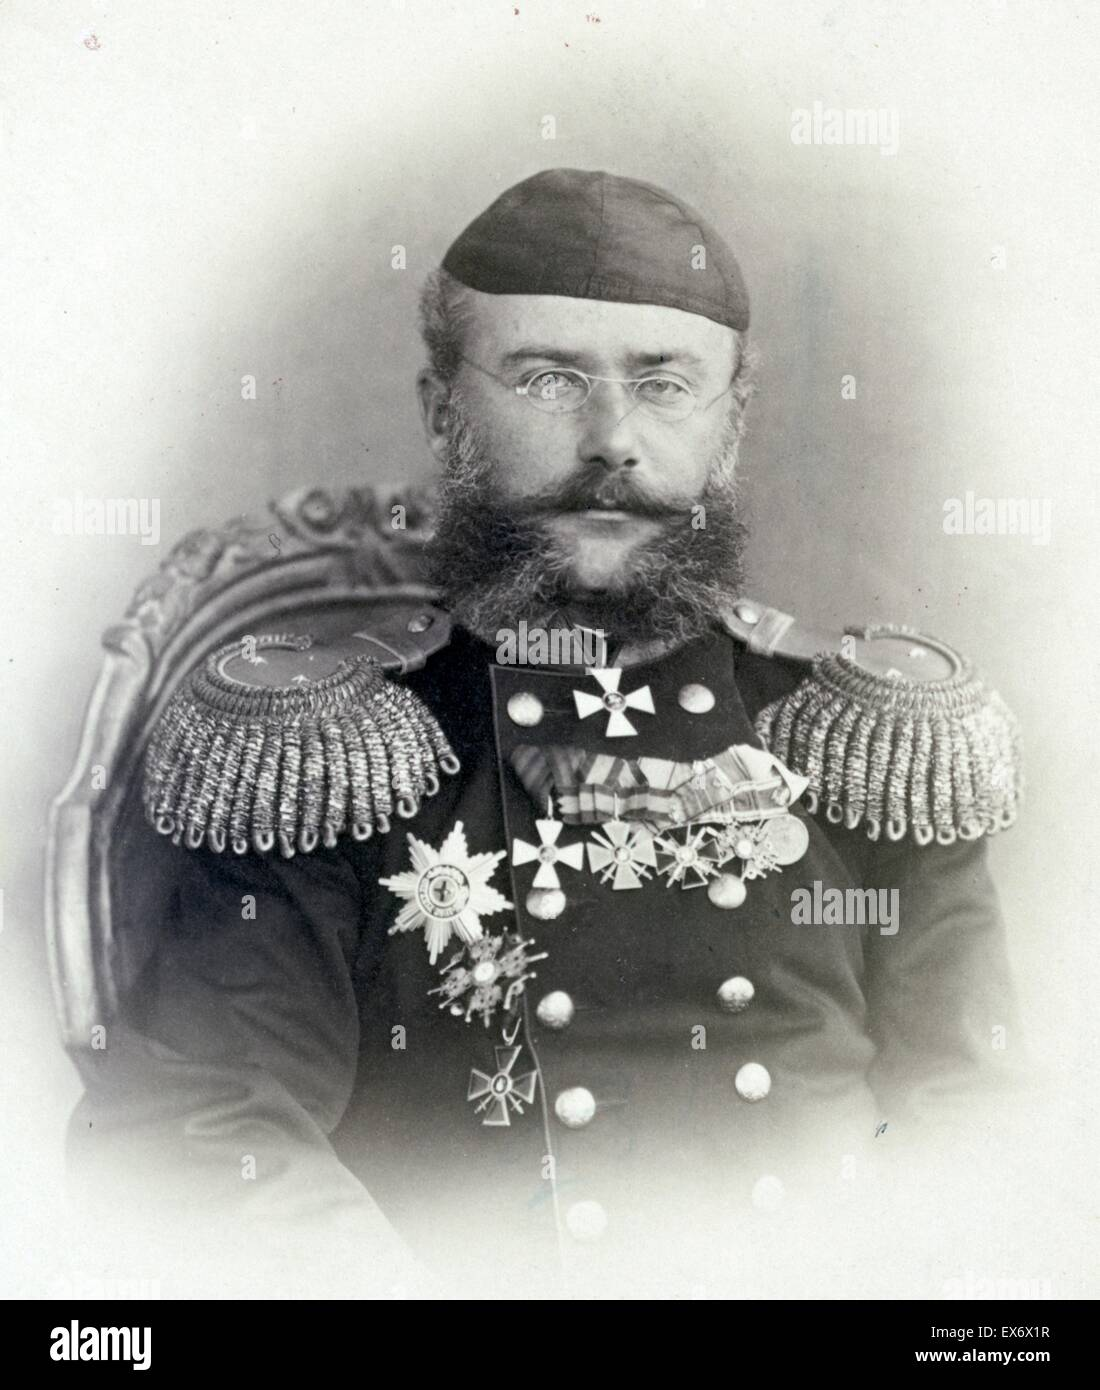 Porträt des russischen Generals Alexander Konstantinowitsch Abramov (1836-1886). Er diente unter General Mikhail Stockfoto